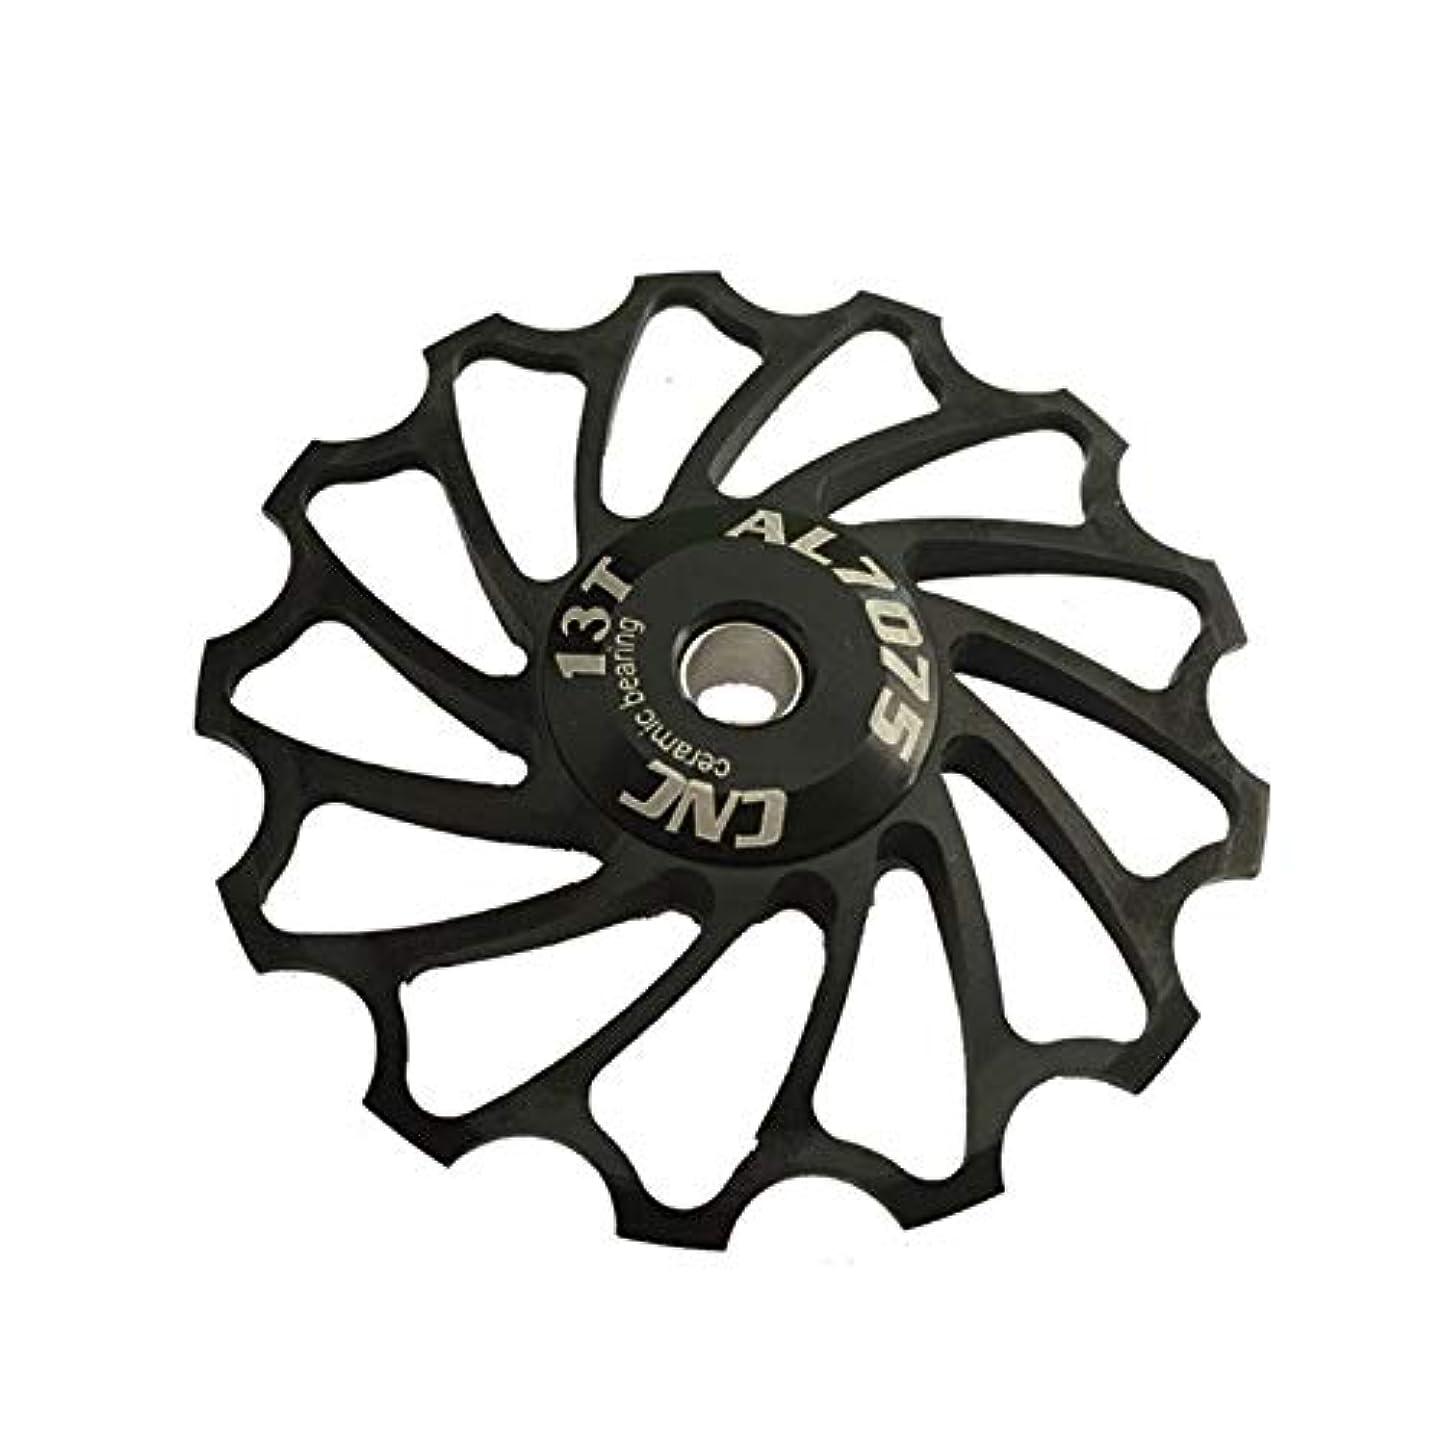 雨シットコム慈悲深いPropenary - Cycling bike ceramics Jockey Wheel Rear Derailleur Pulley 13T 7075 Aluminum alloy bicycle guide pulley bearing bicycle parts [ Black ]